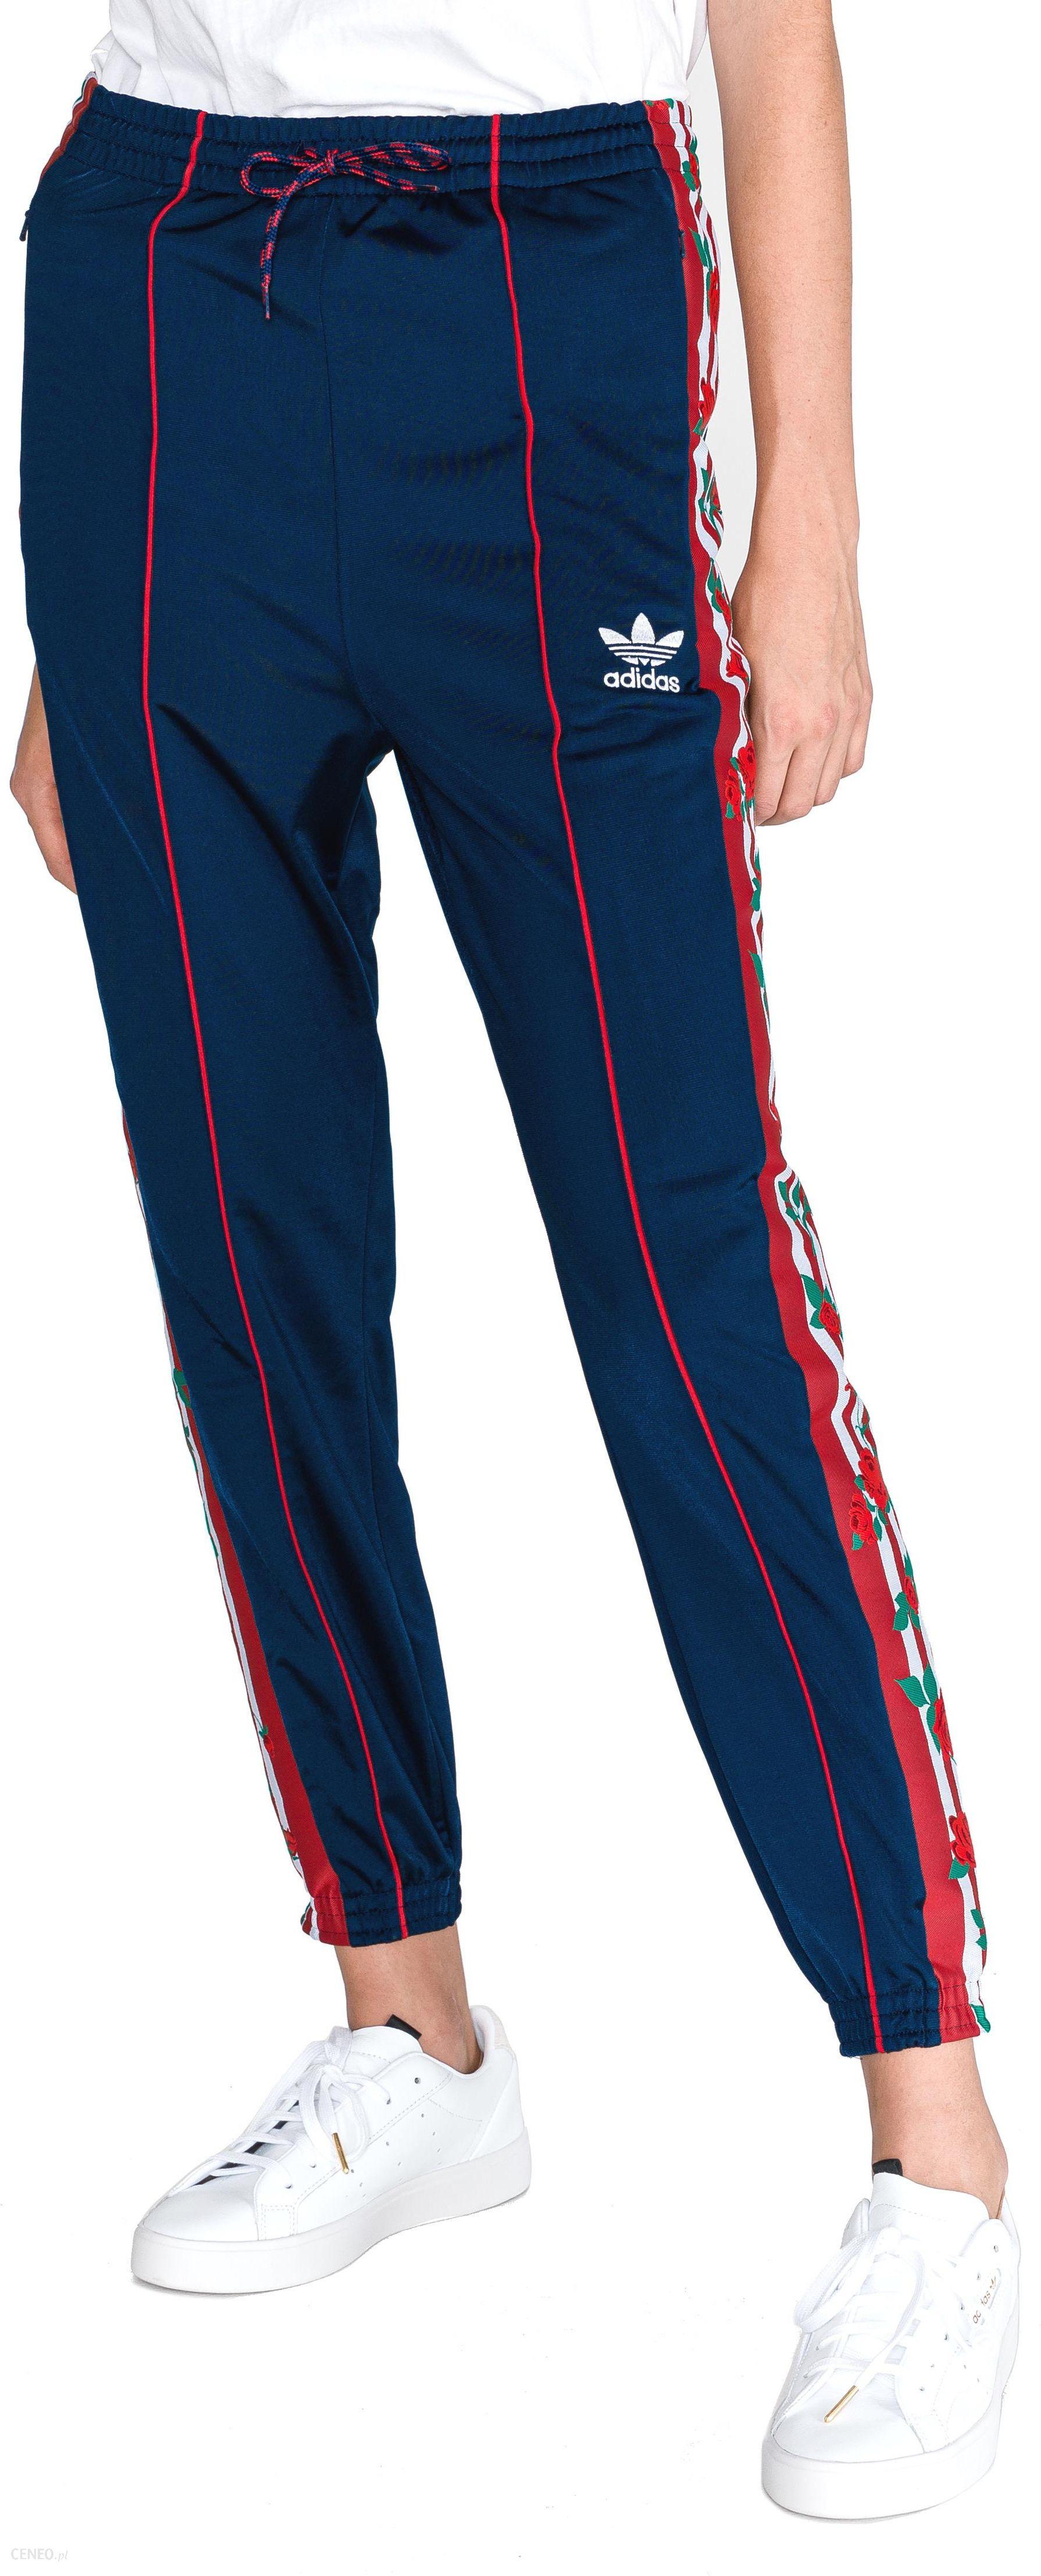 Adidas Originals Spodnie dresowe Niebieski 34 Ceny i opinie Ceneo.pl